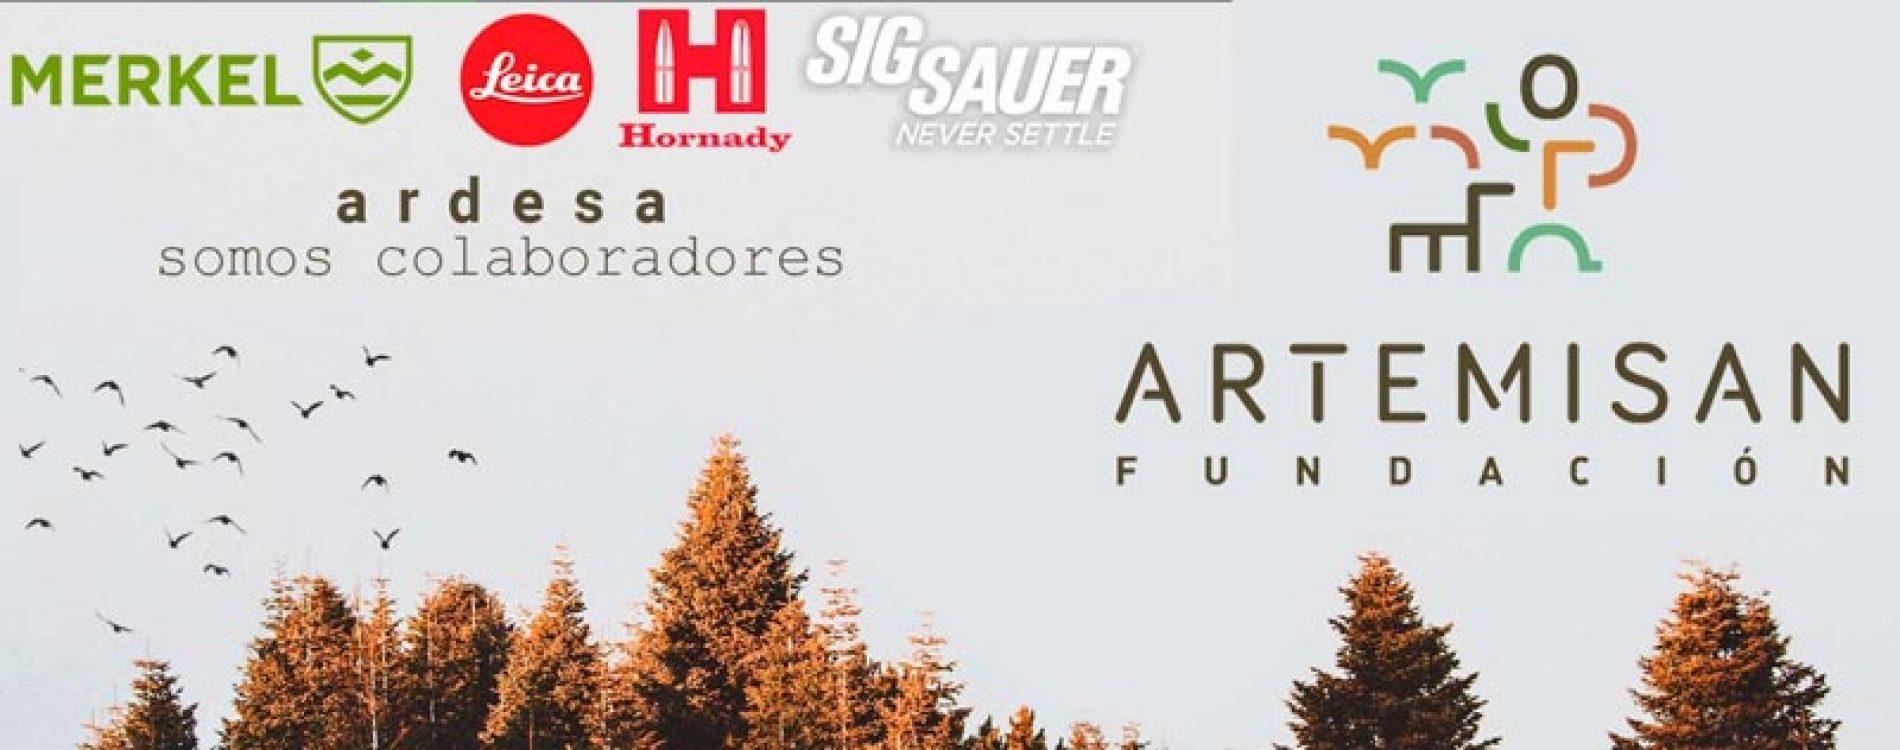 ARDESA apoyará la labor investigadora de la Fundación Artemisan como entidad patrocinadora